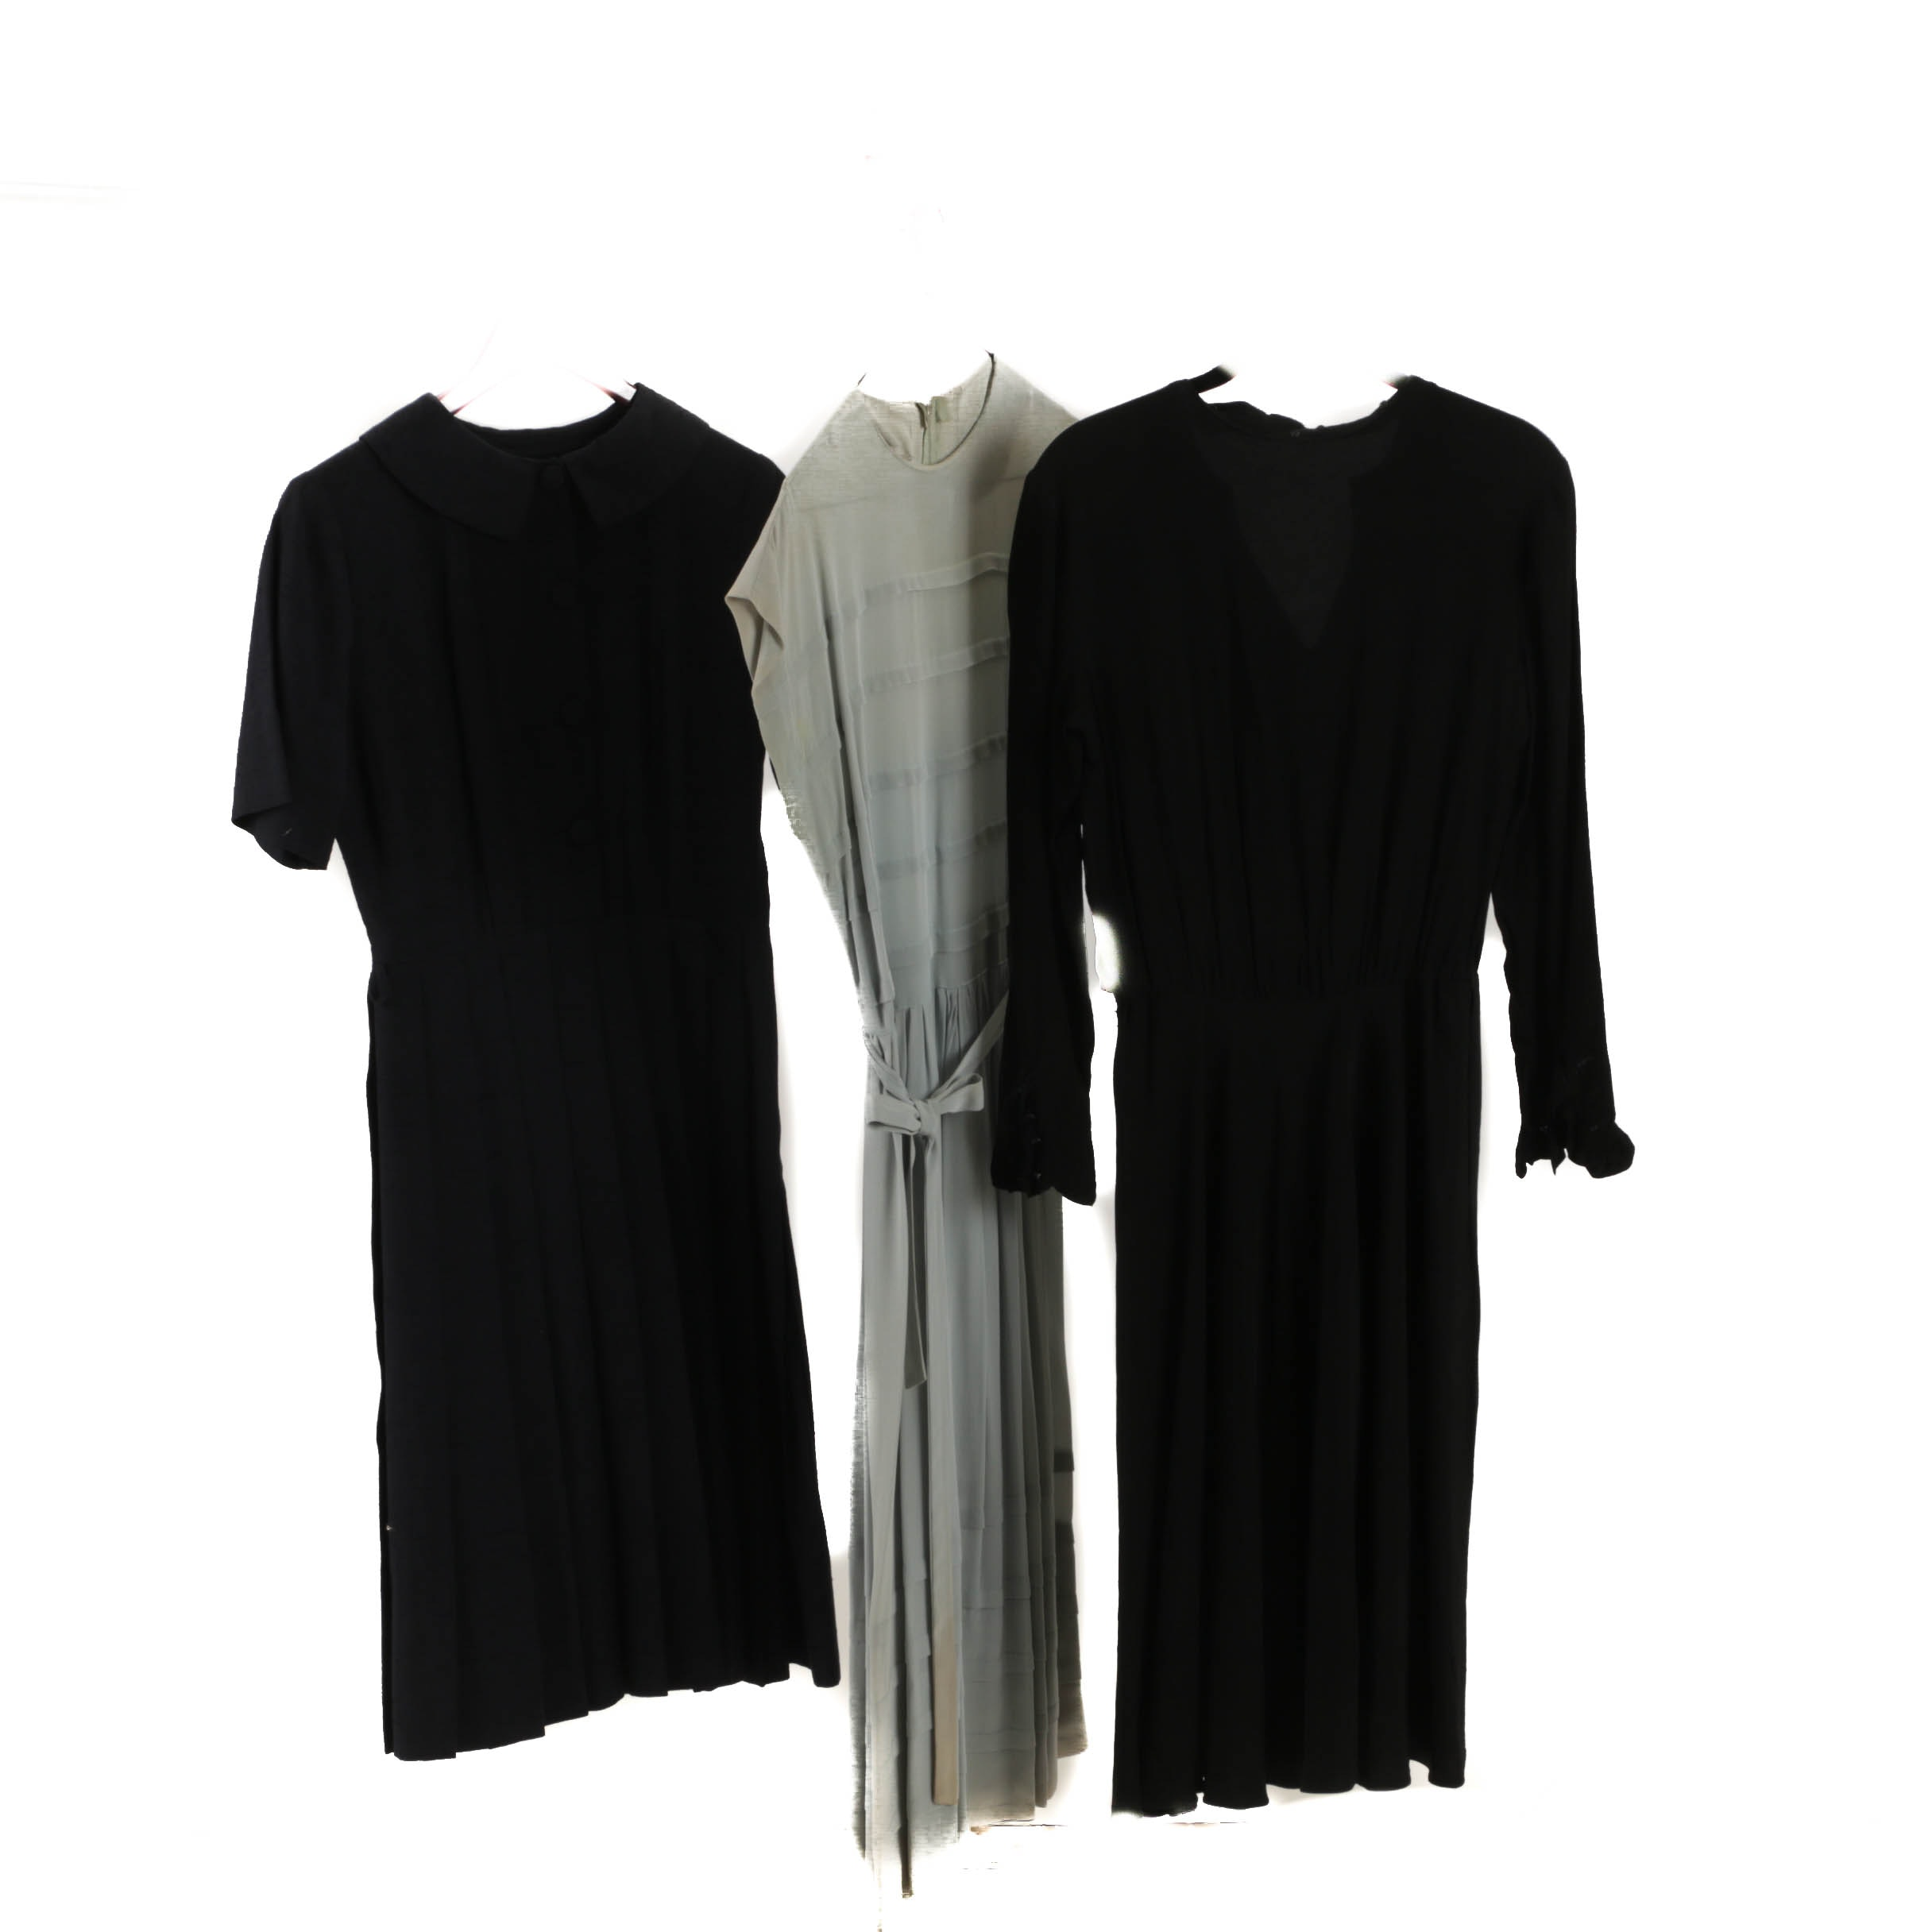 1950s Vintage Day Dresses